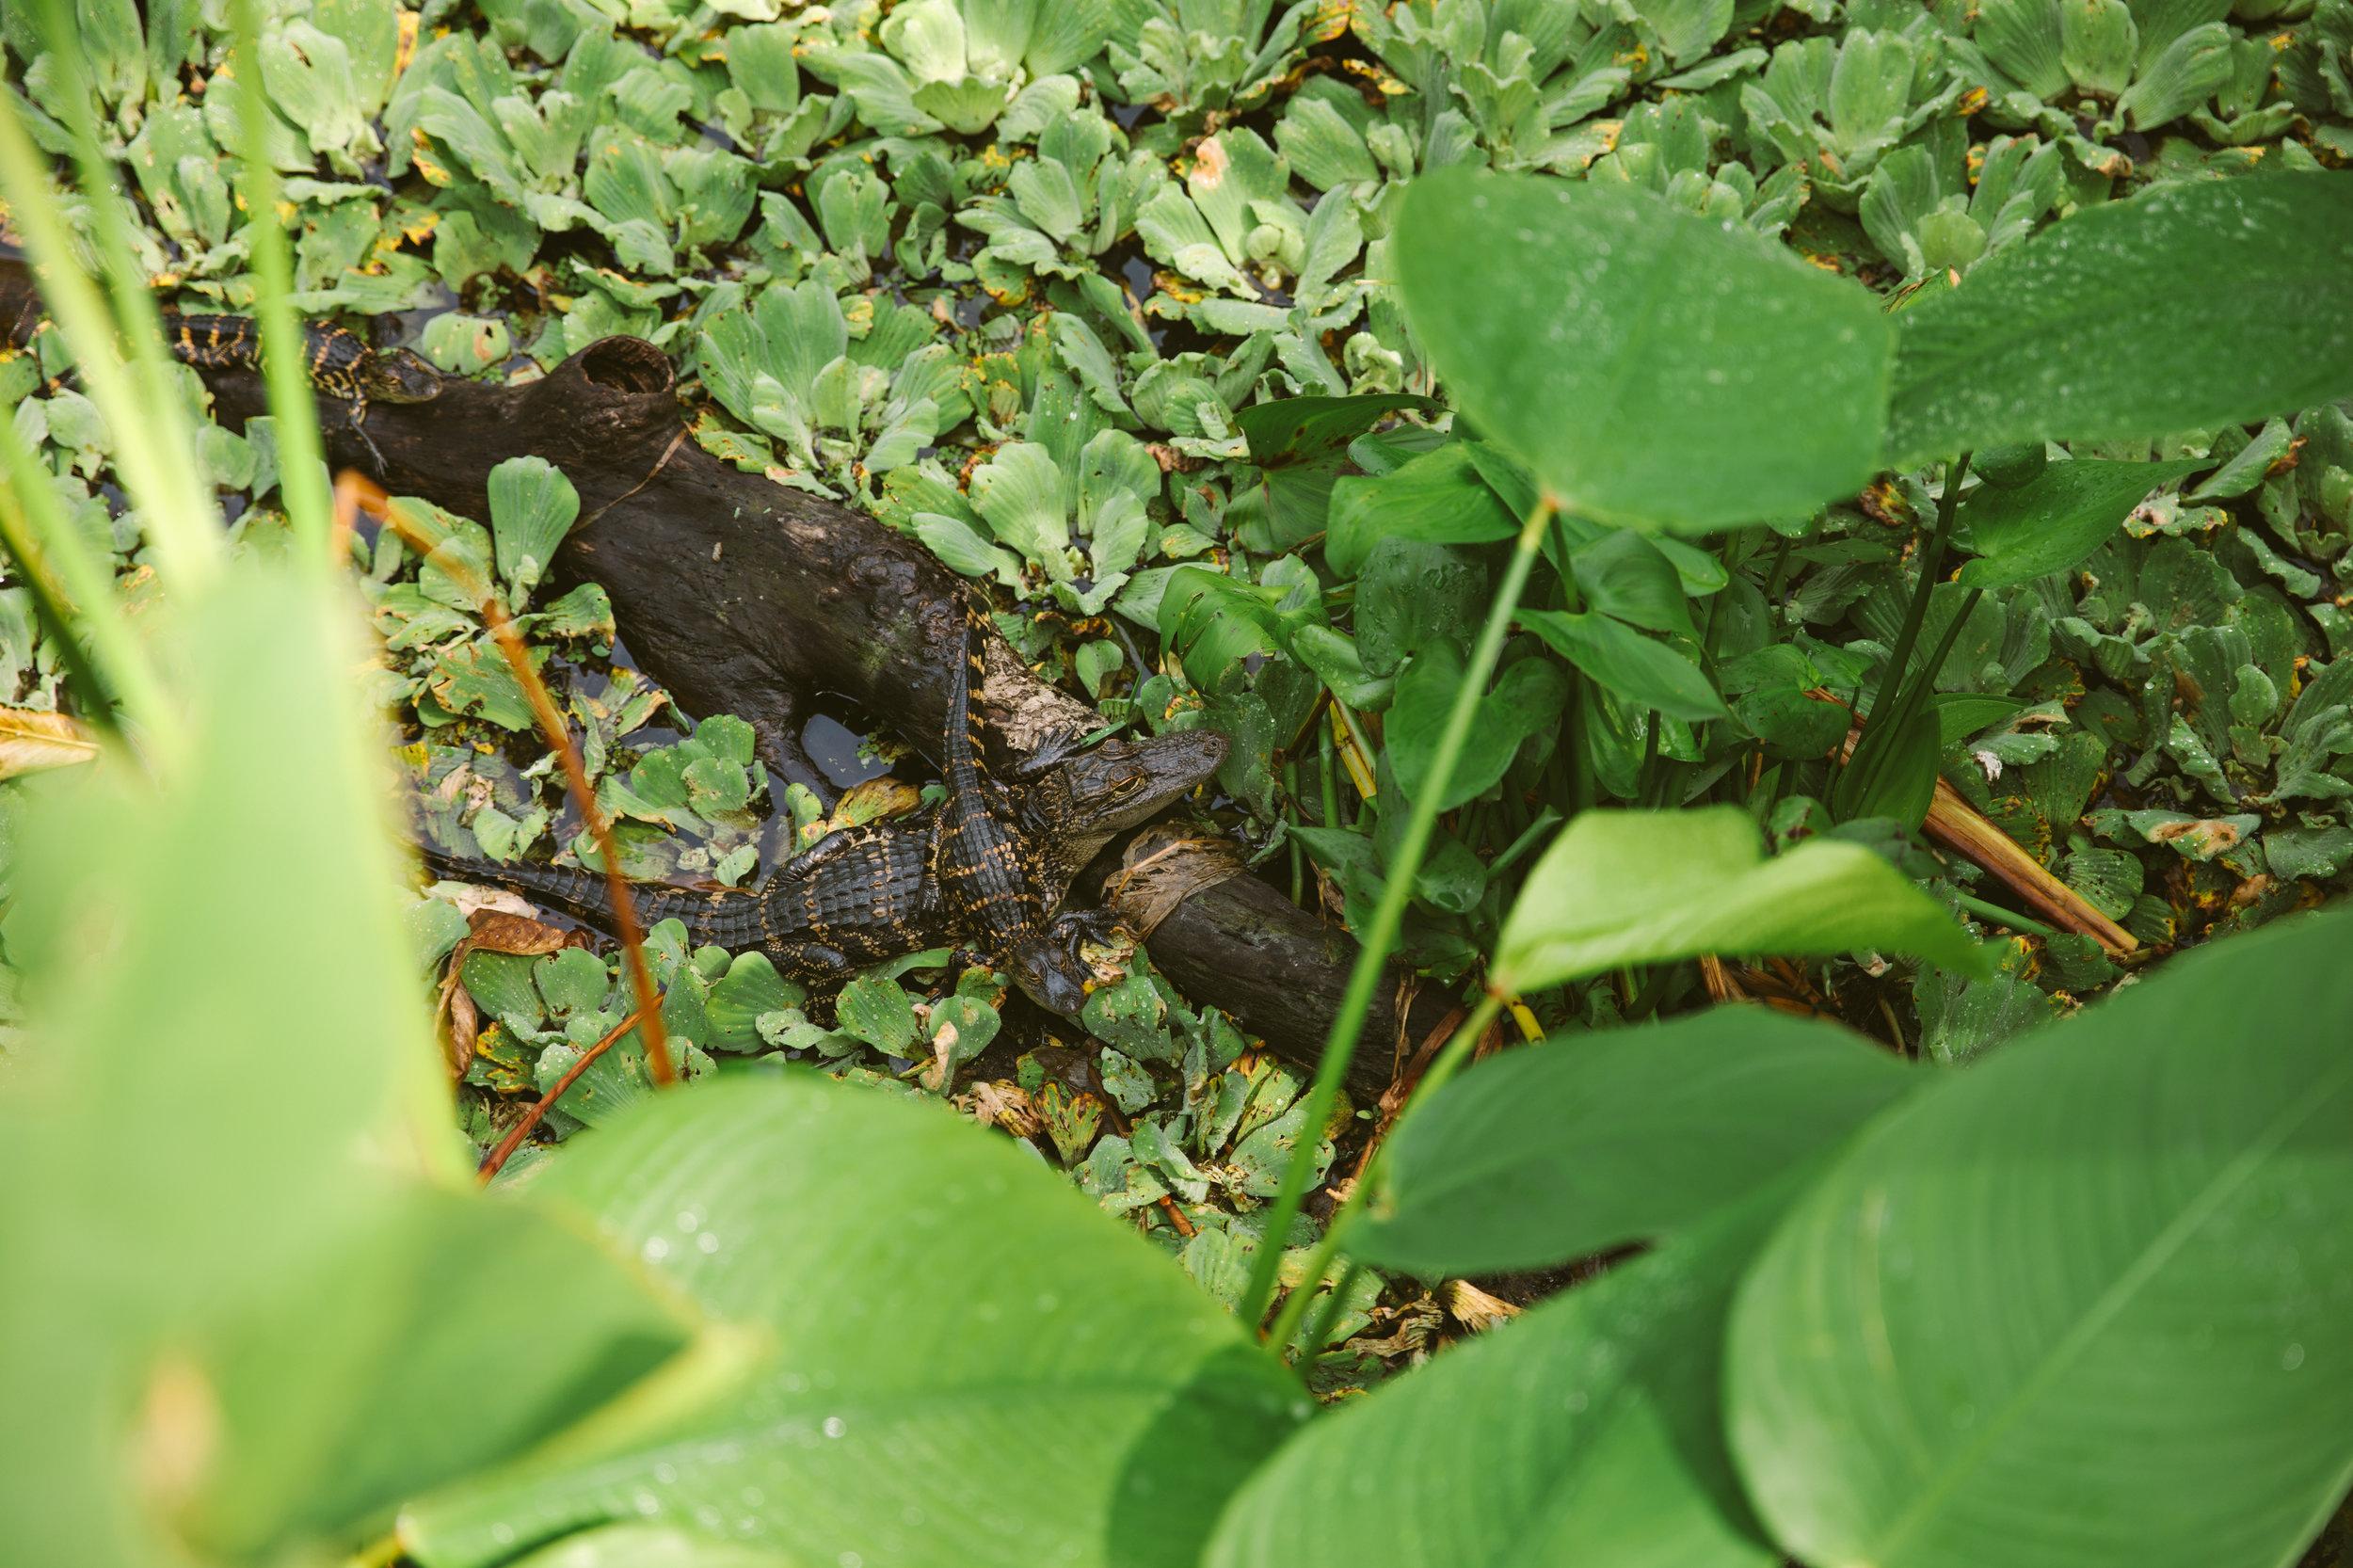 Florida-ElenaPressprich-29.jpg